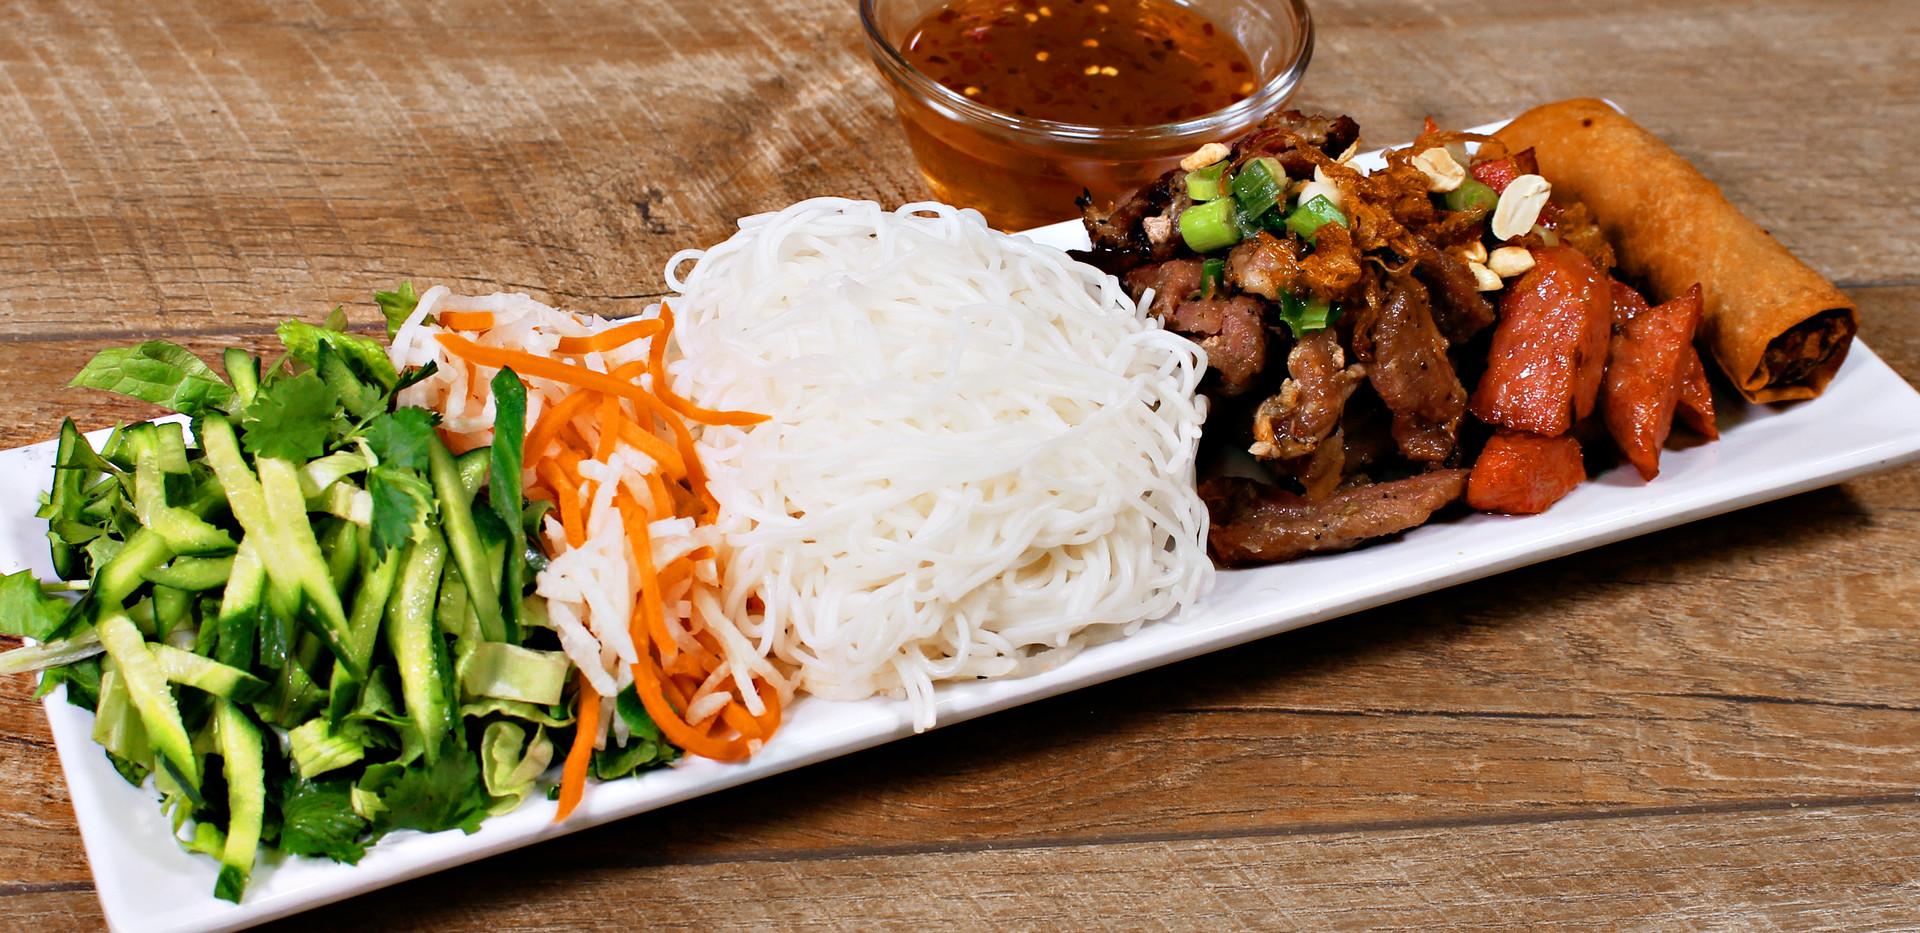 Vietnamese Grilled Pork, Egg Rolls, Grilled Pork Patties & Rice Noodles - Bún Thịt Heo Nướng + Chả Giò + Nem Nướng